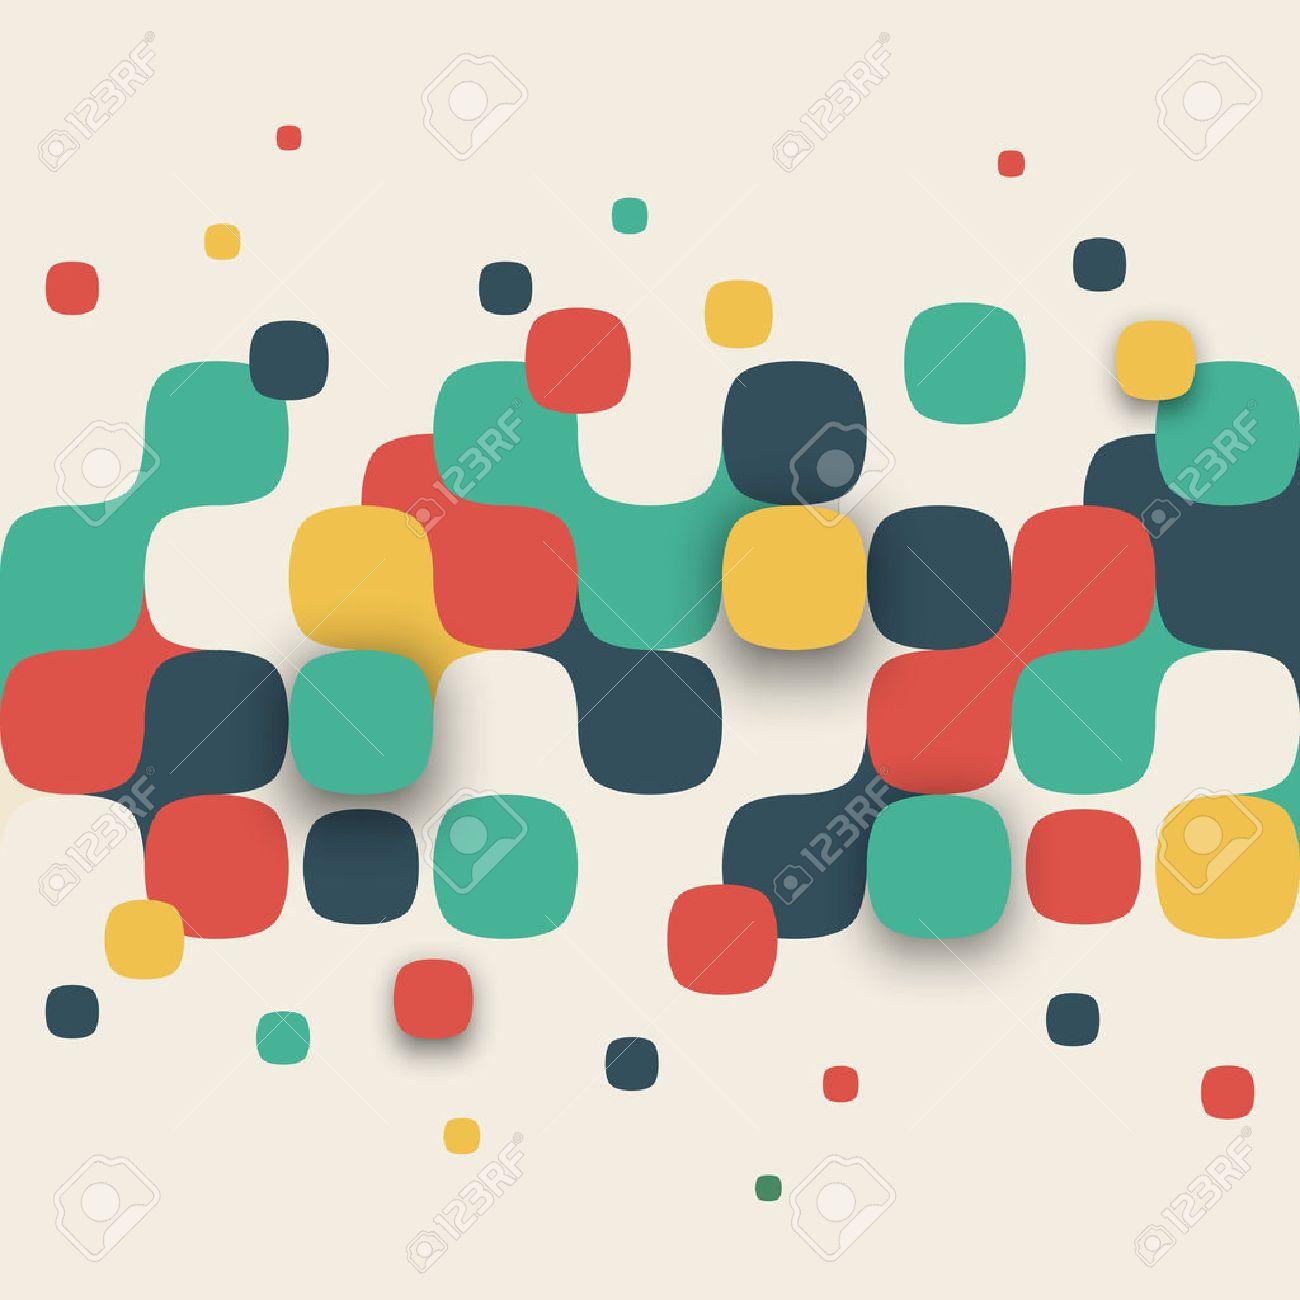 ベクトルの背景。正方形の抽象的なテクスチャのイラスト。バナー